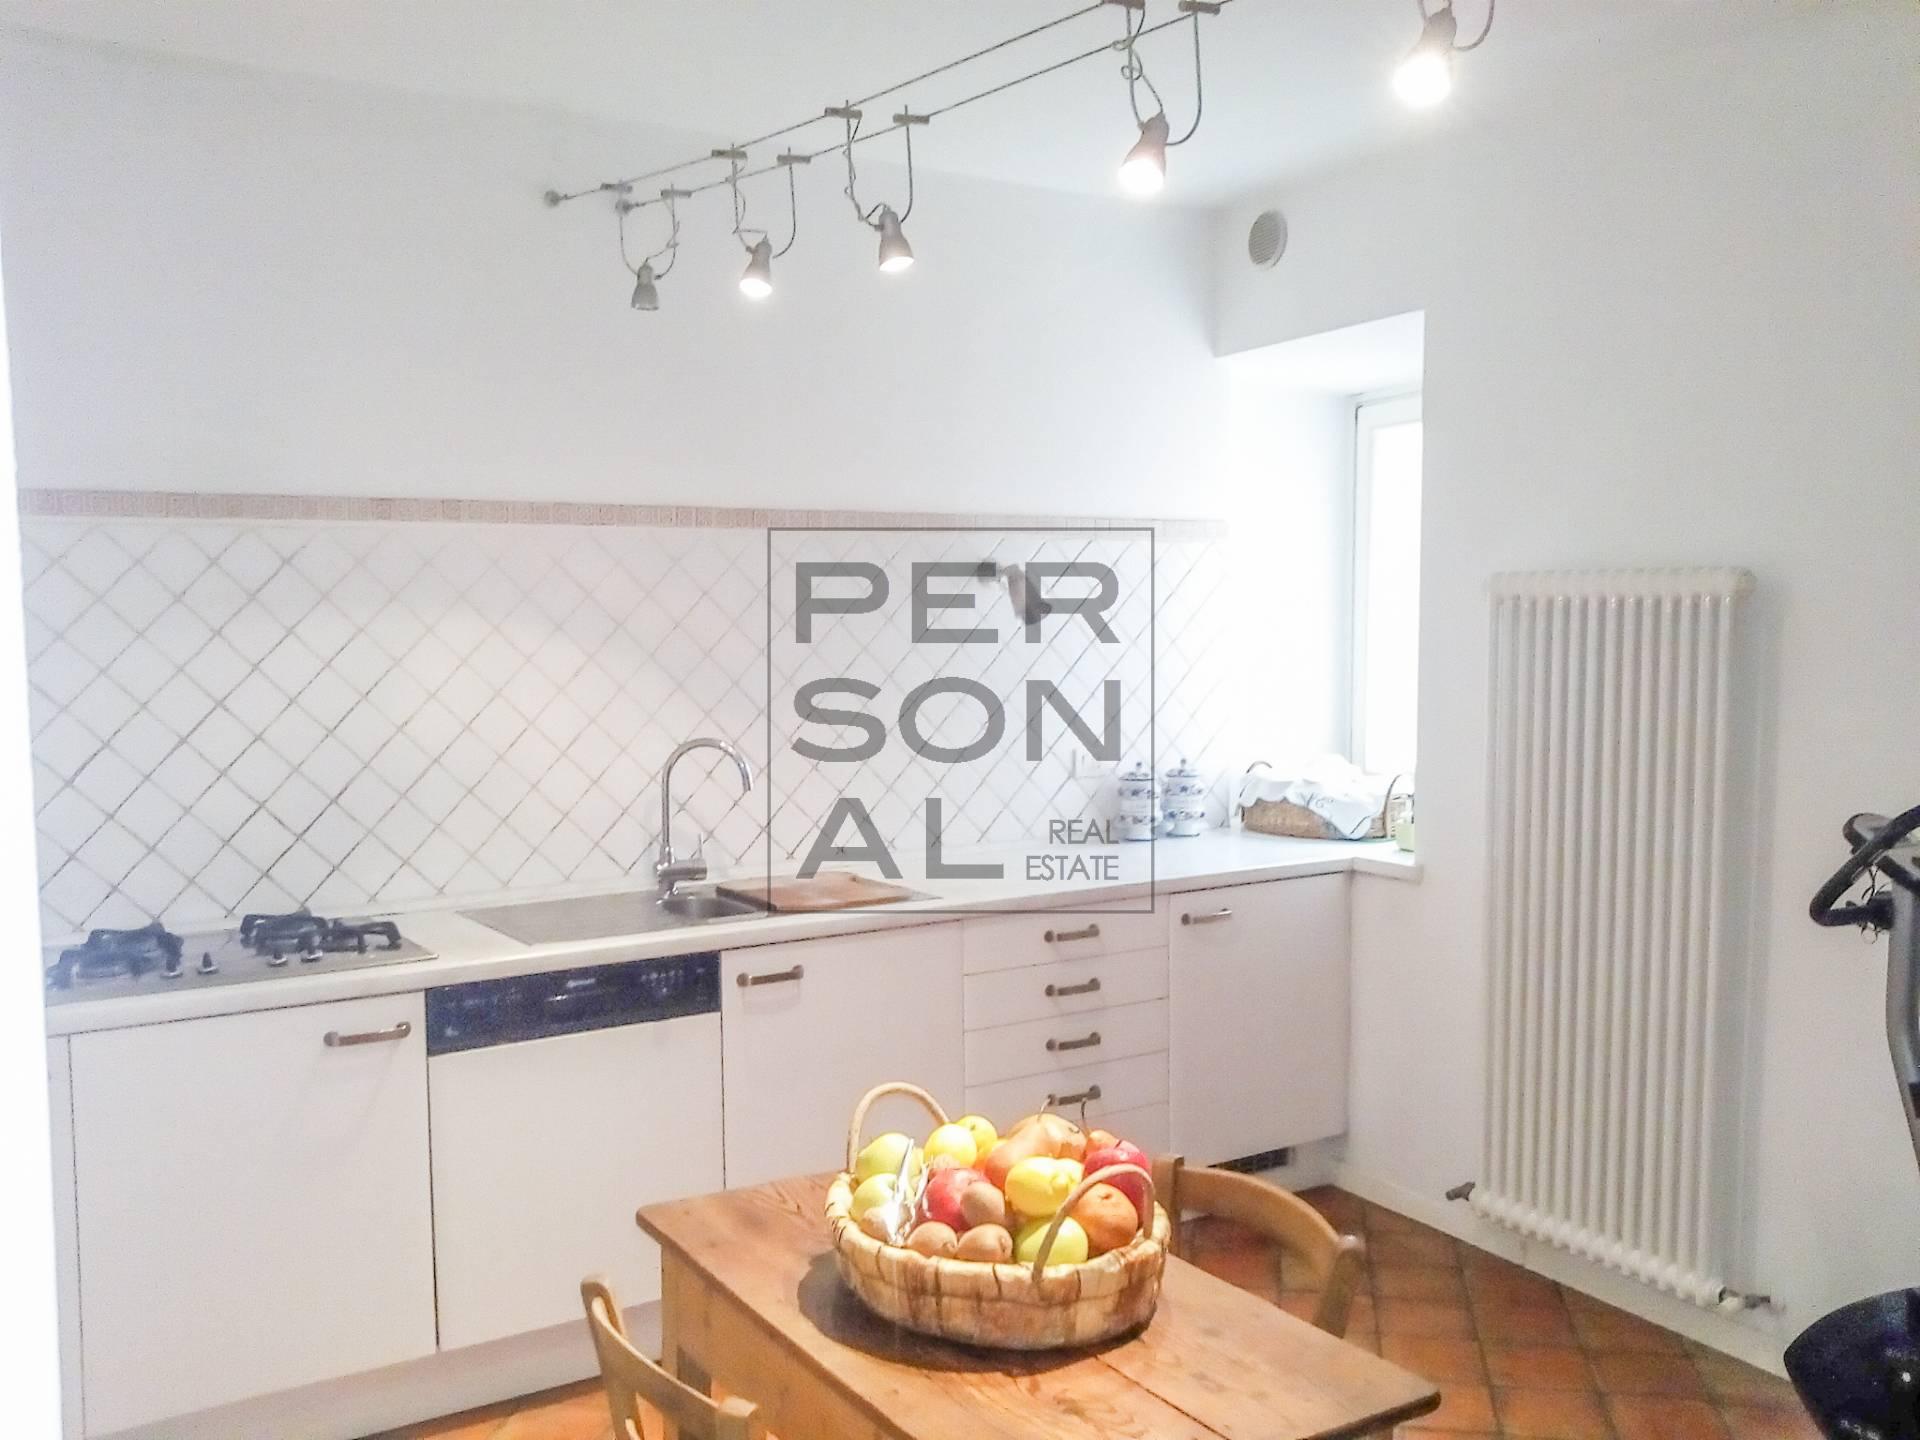 Altro in vendita a Villa Lagarina, 9 locali, prezzo € 450.000 | CambioCasa.it